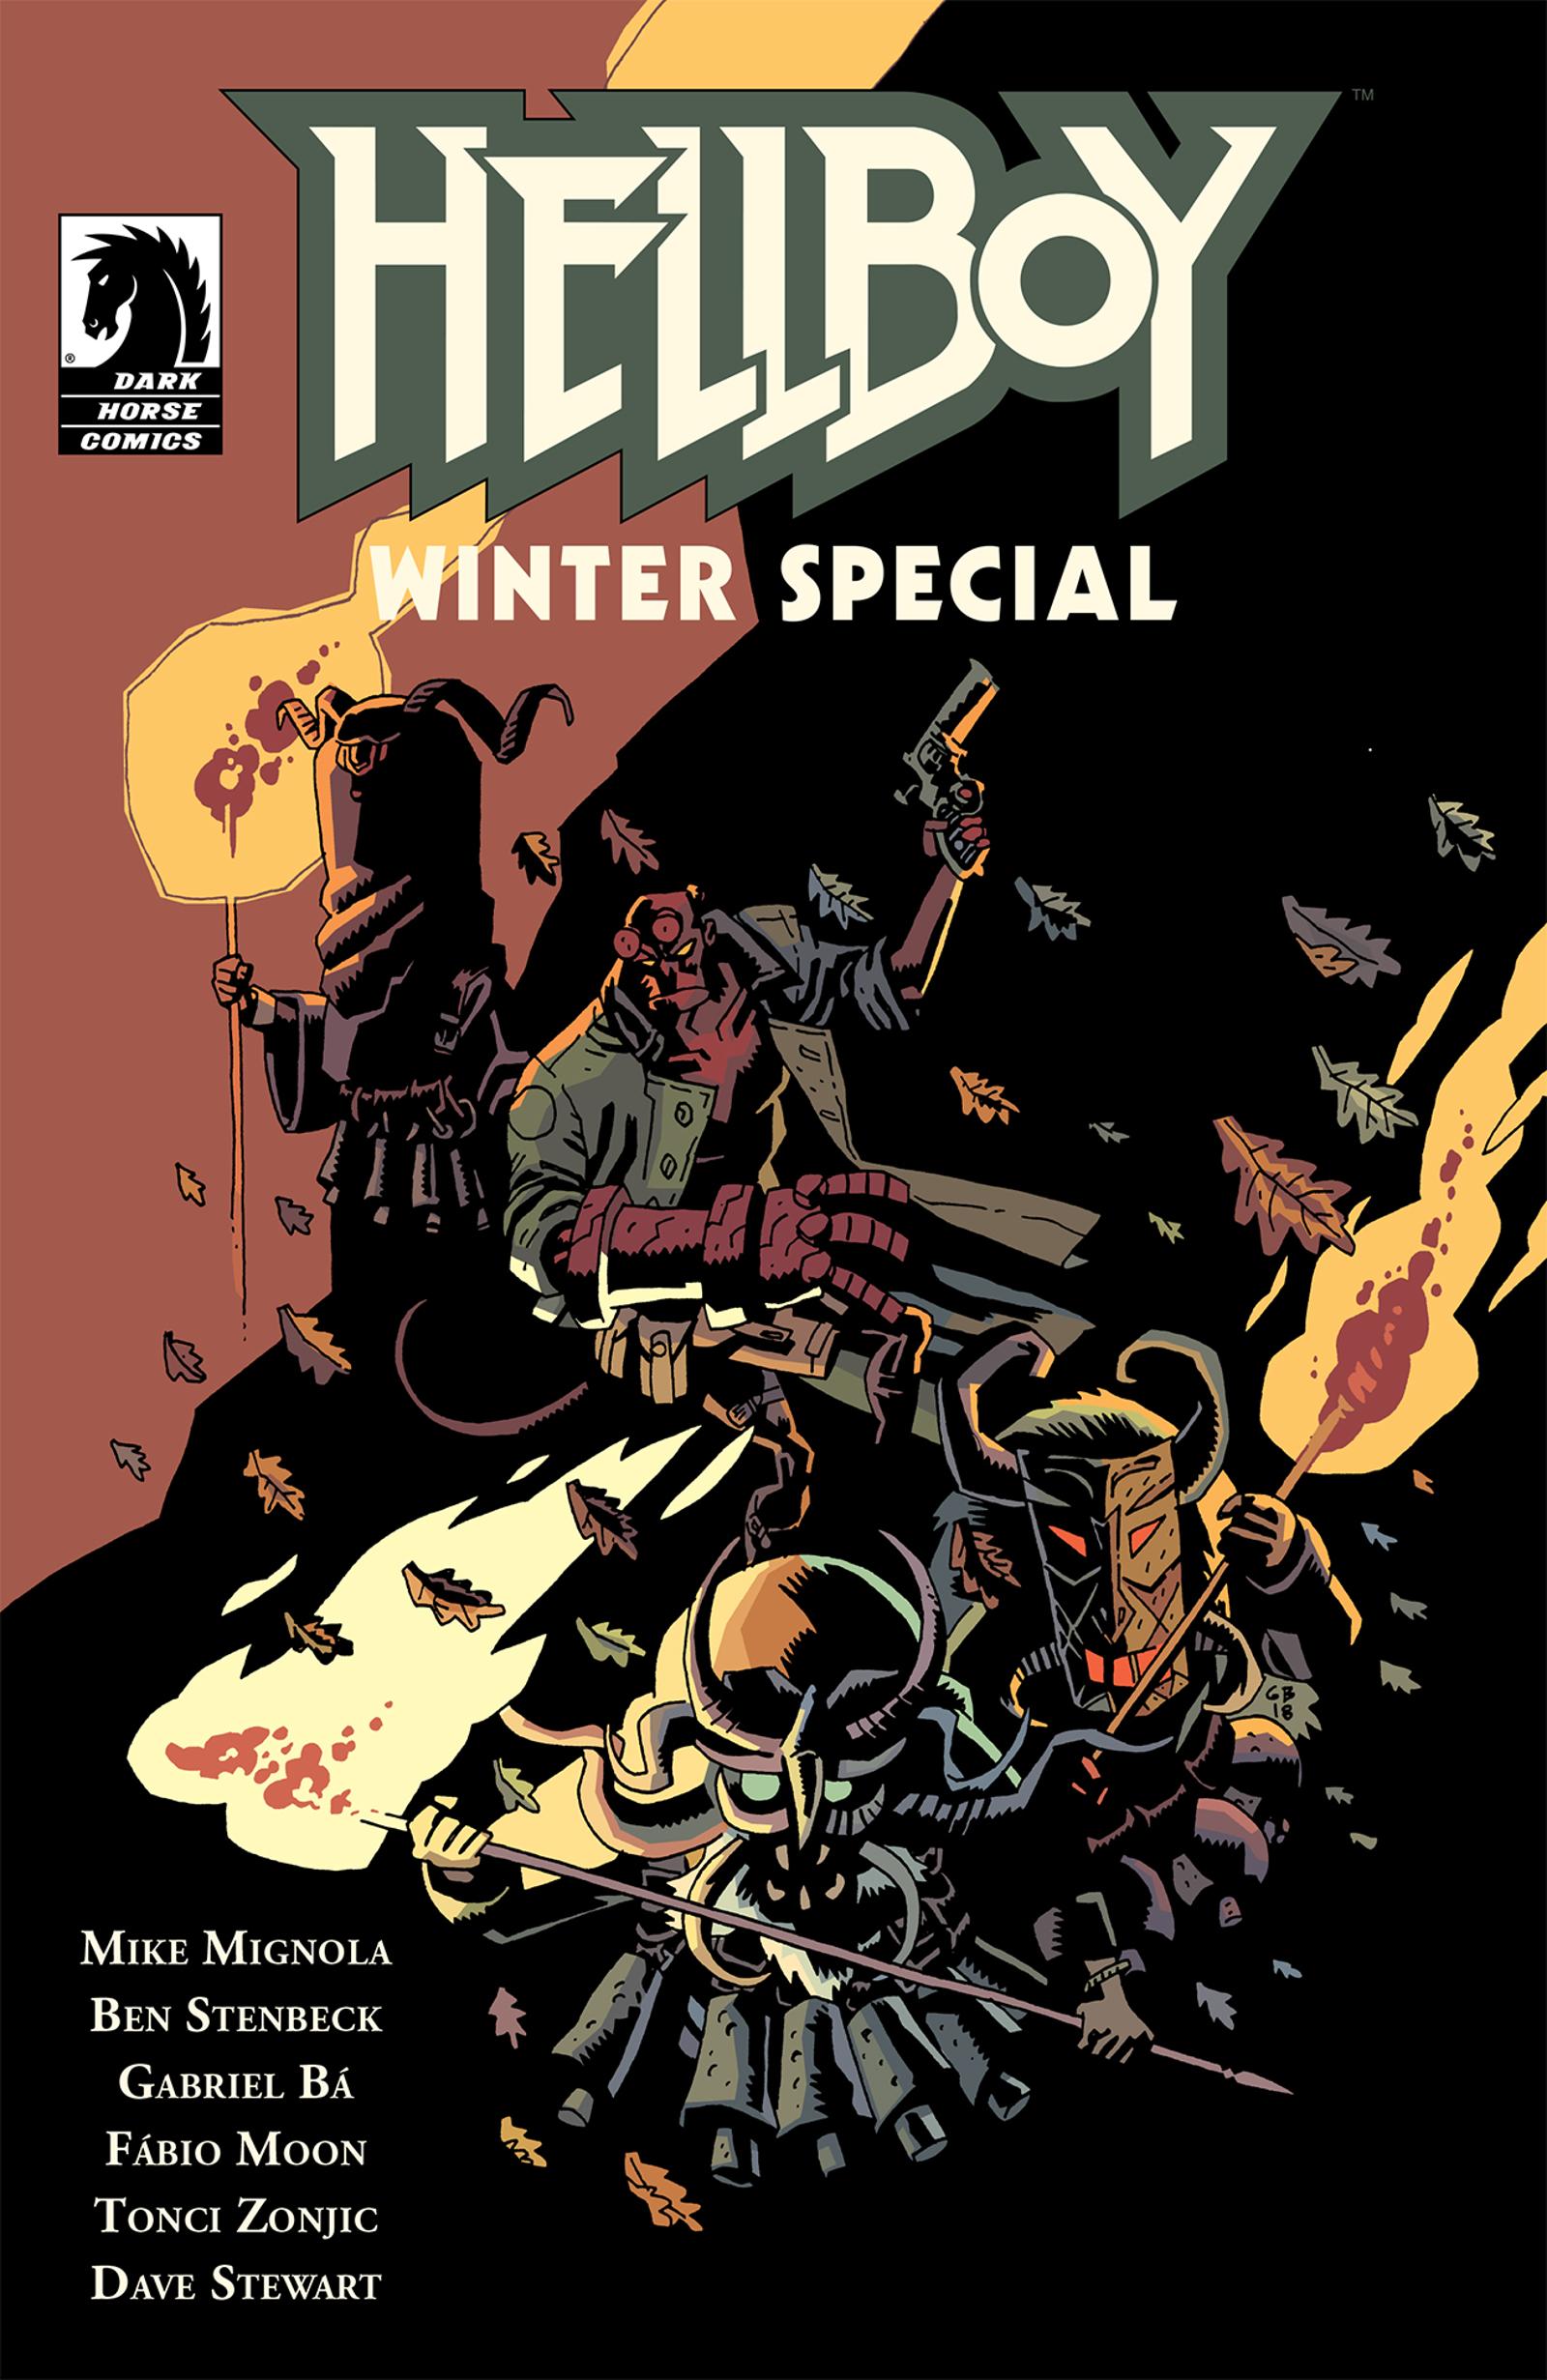 Cover by Gabriel Bá